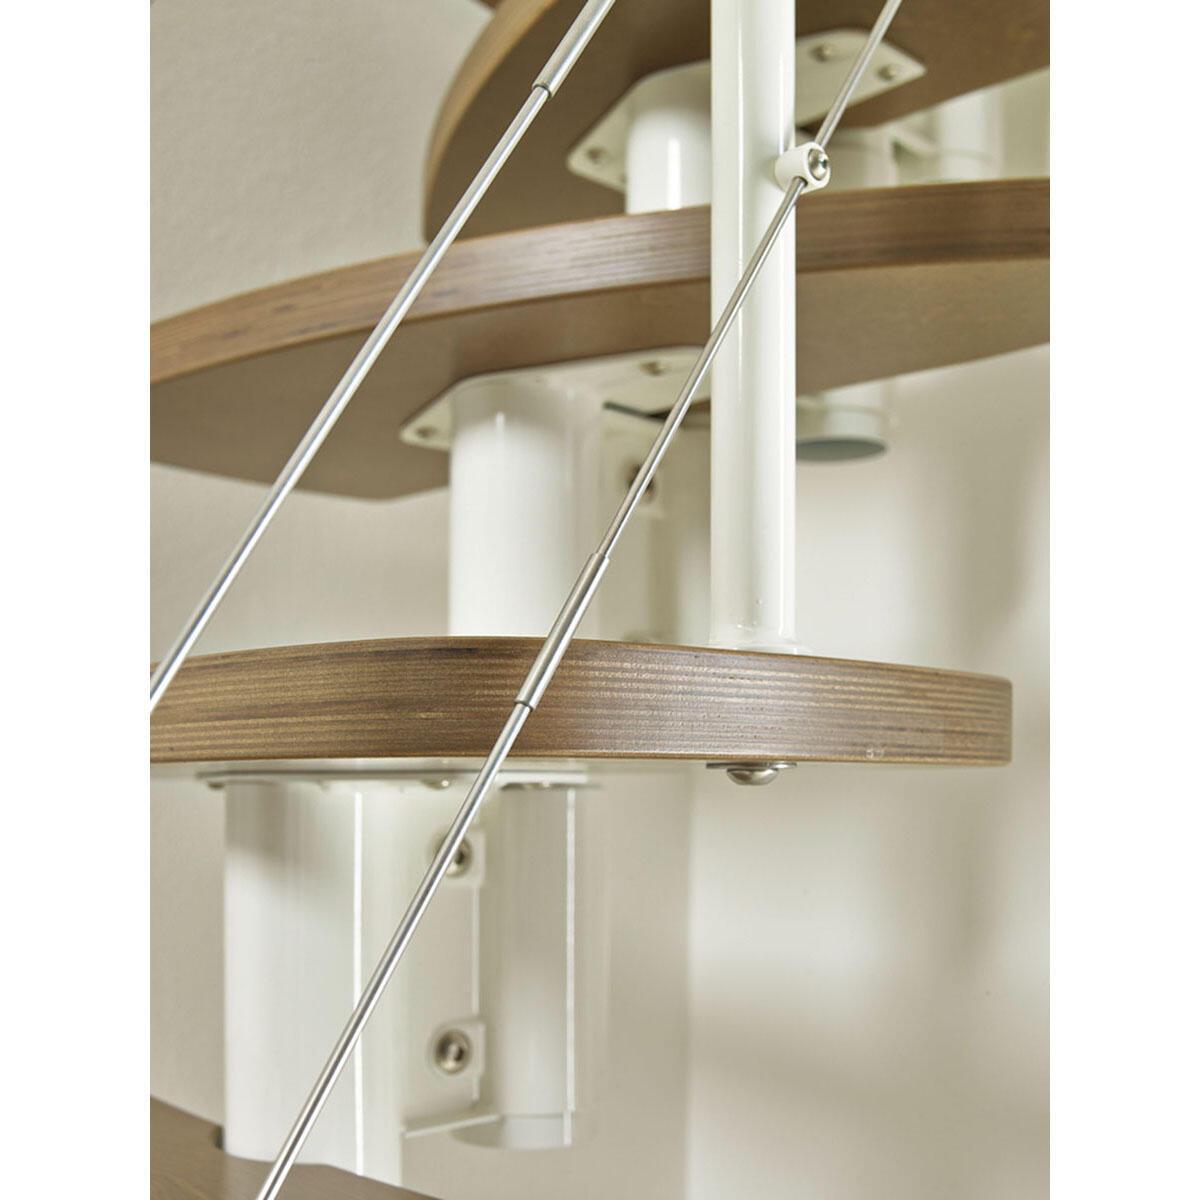 Scala salvaspazio dritto Zen FONTANOT L 59 cm, gradino betulla, struttura bianco - 9